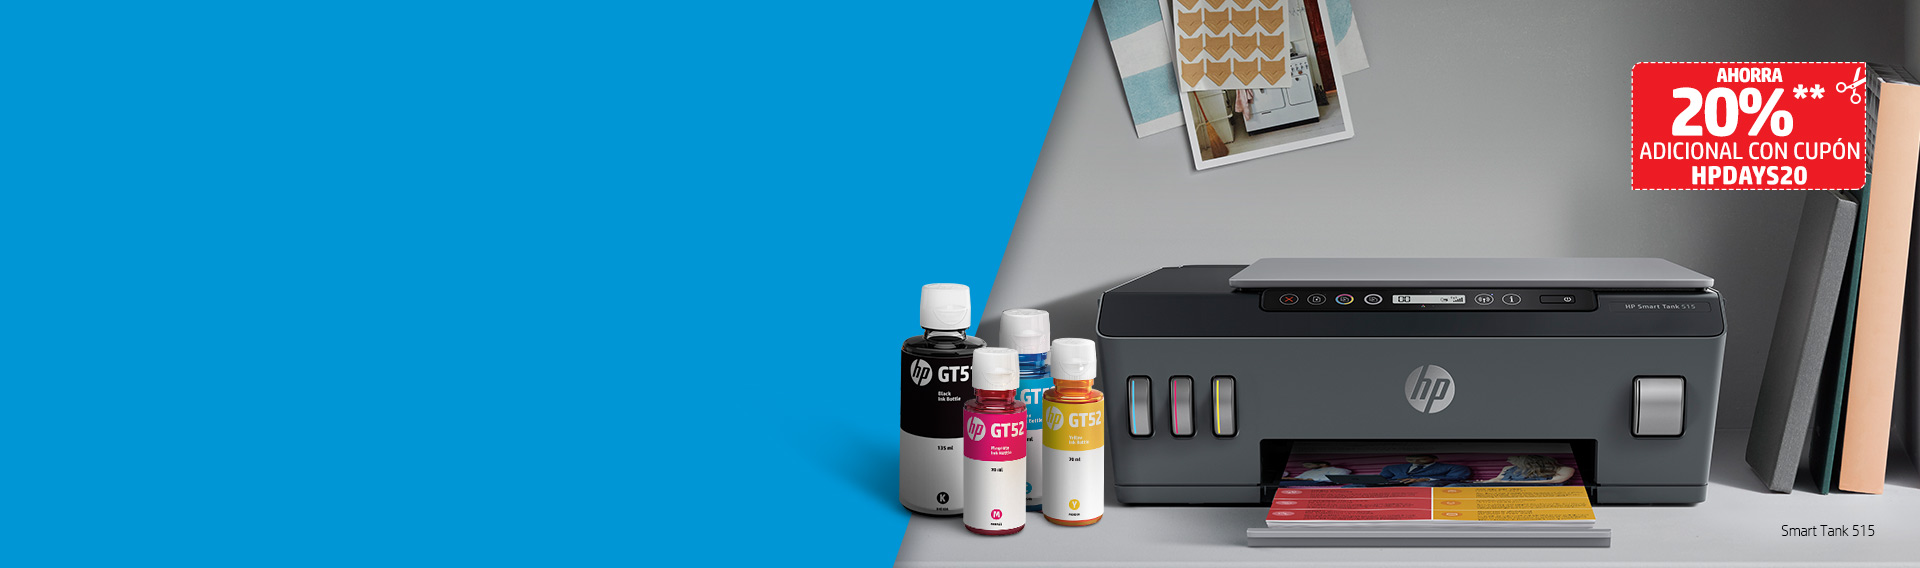 Impresoras HP hasta 10%* dcto. + cupón